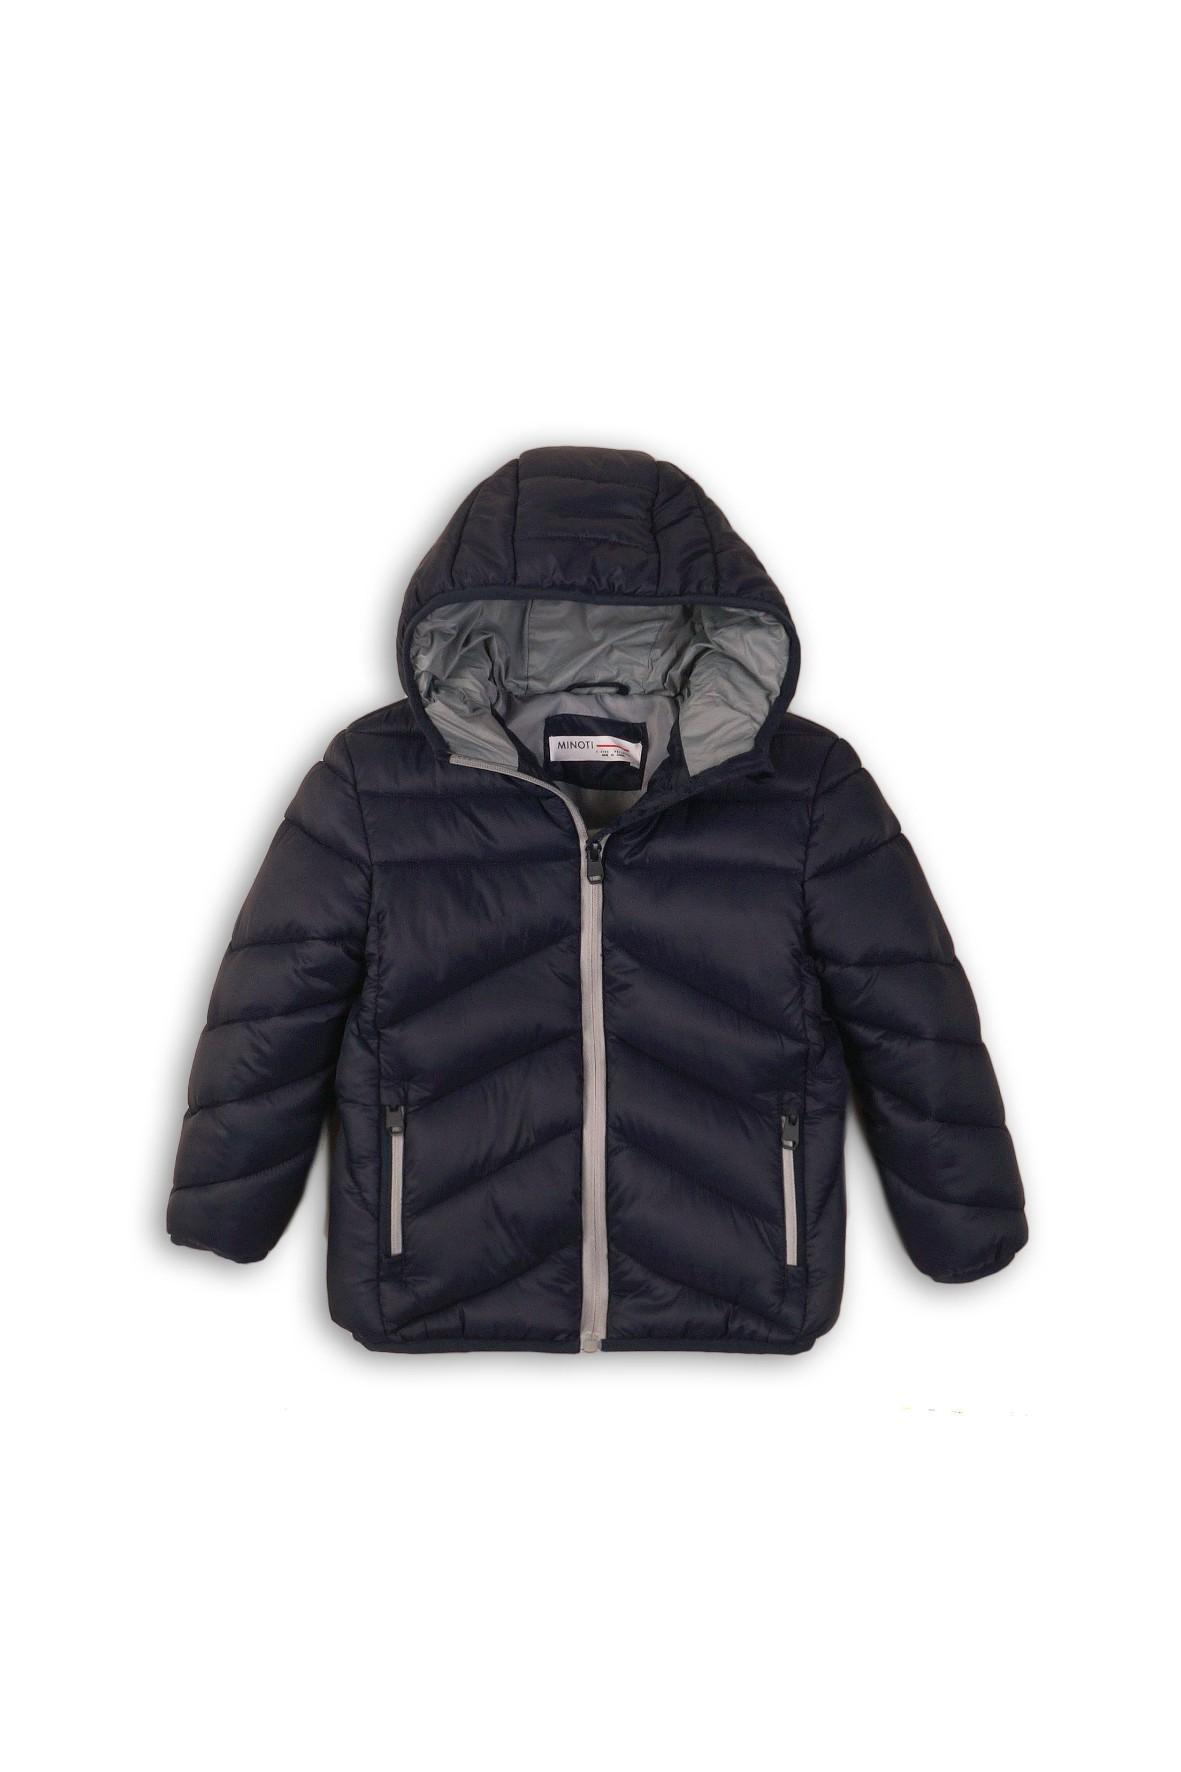 Granatowa pikowana kurtka dla chłopca- pikowana z kapturem